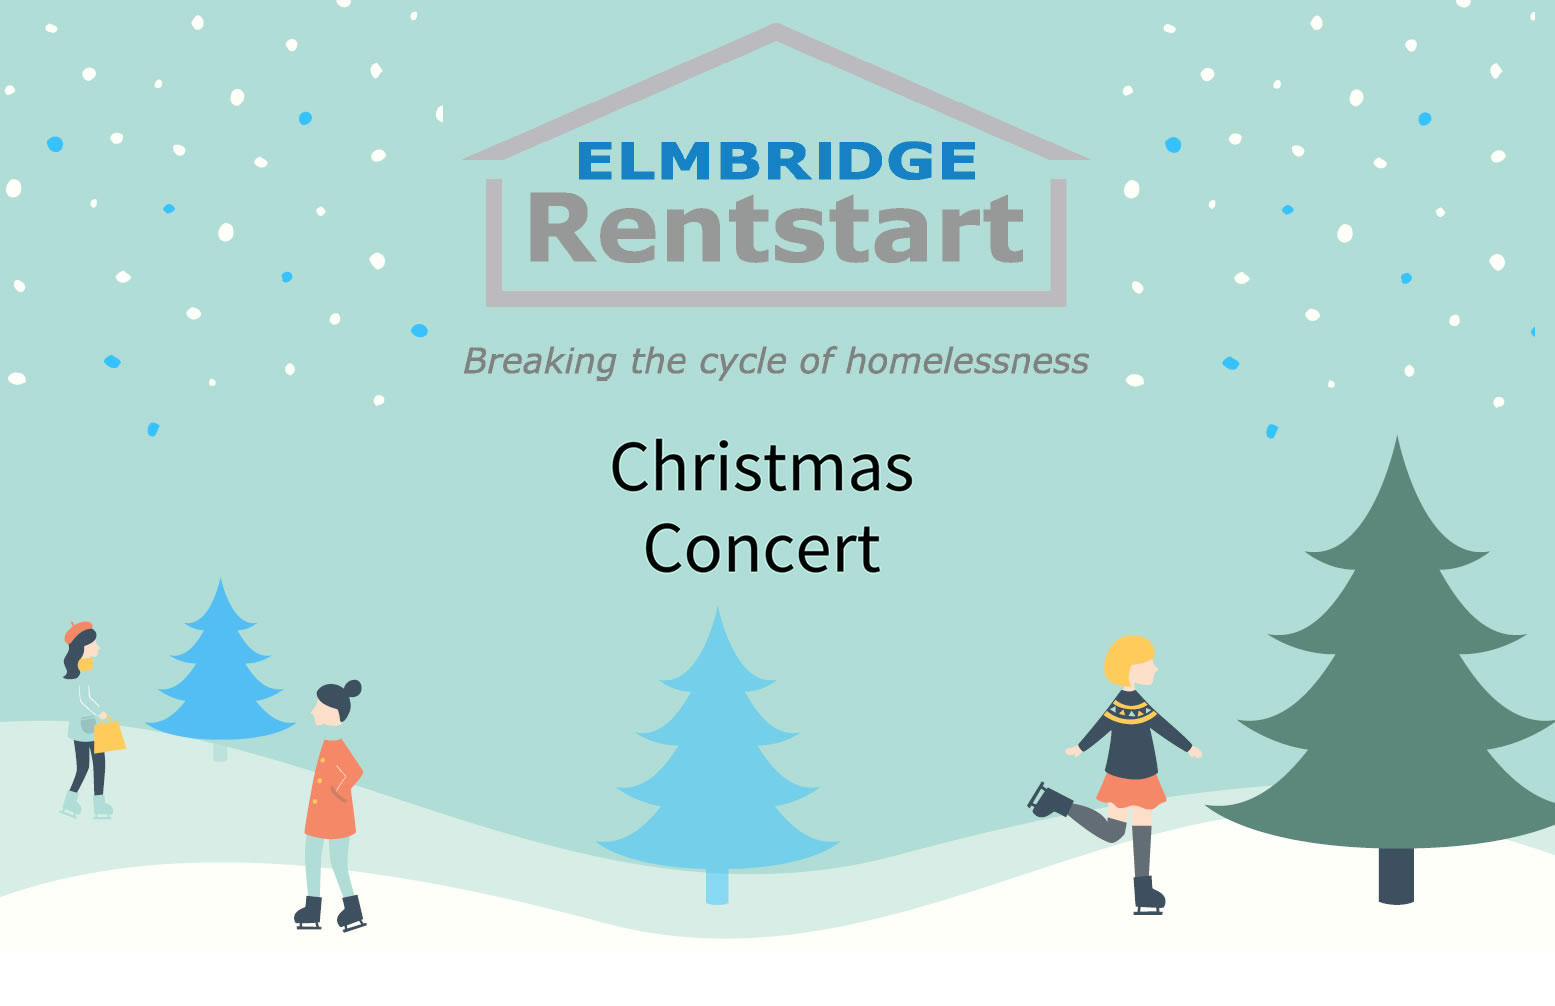 Elmbridge Rentstart Christmas Concert in Weybridge Surrey